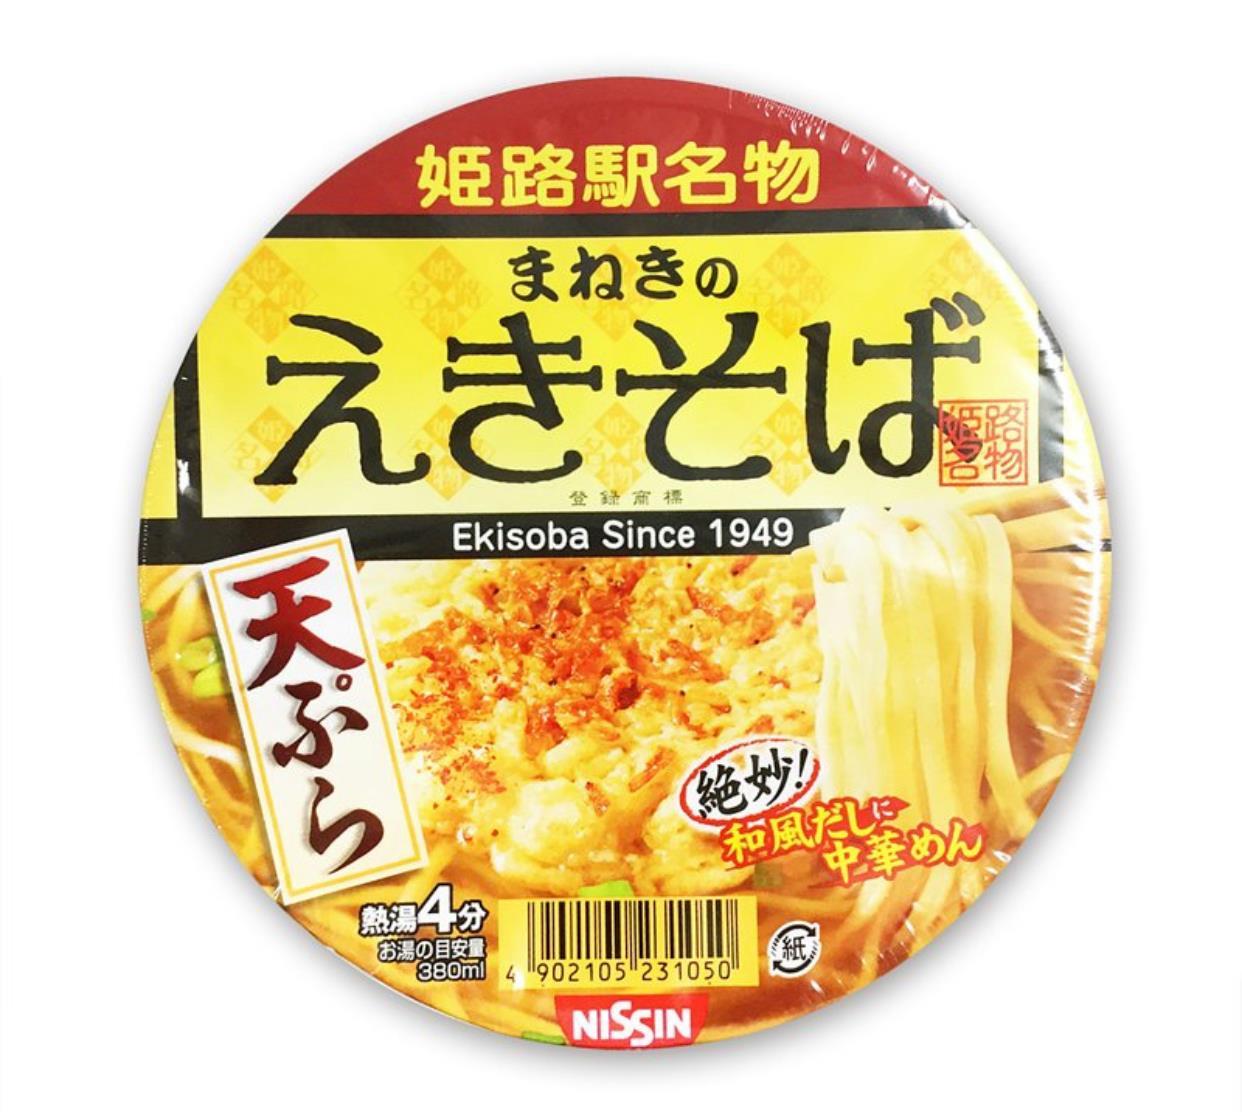 日清NISSIN 姬路月台拉麵 - 天婦羅碗麵 85g